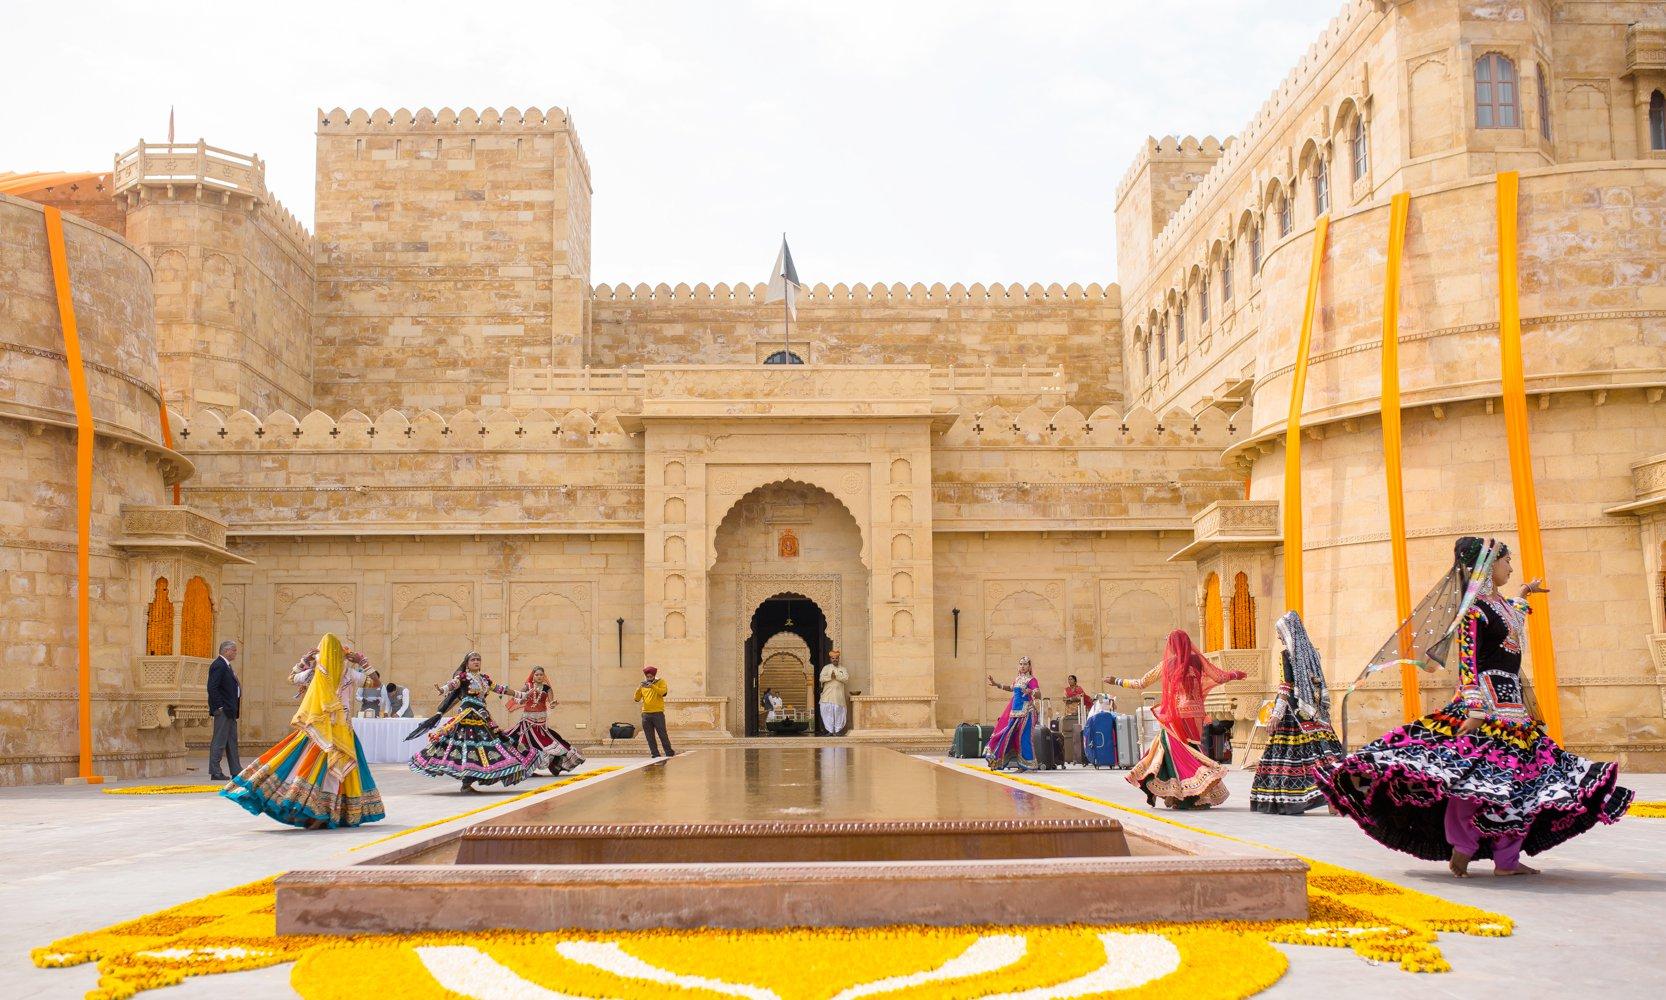 Jaisalmer wedding venues, wedding planner in jaisalmer, Destination wedding planner in india